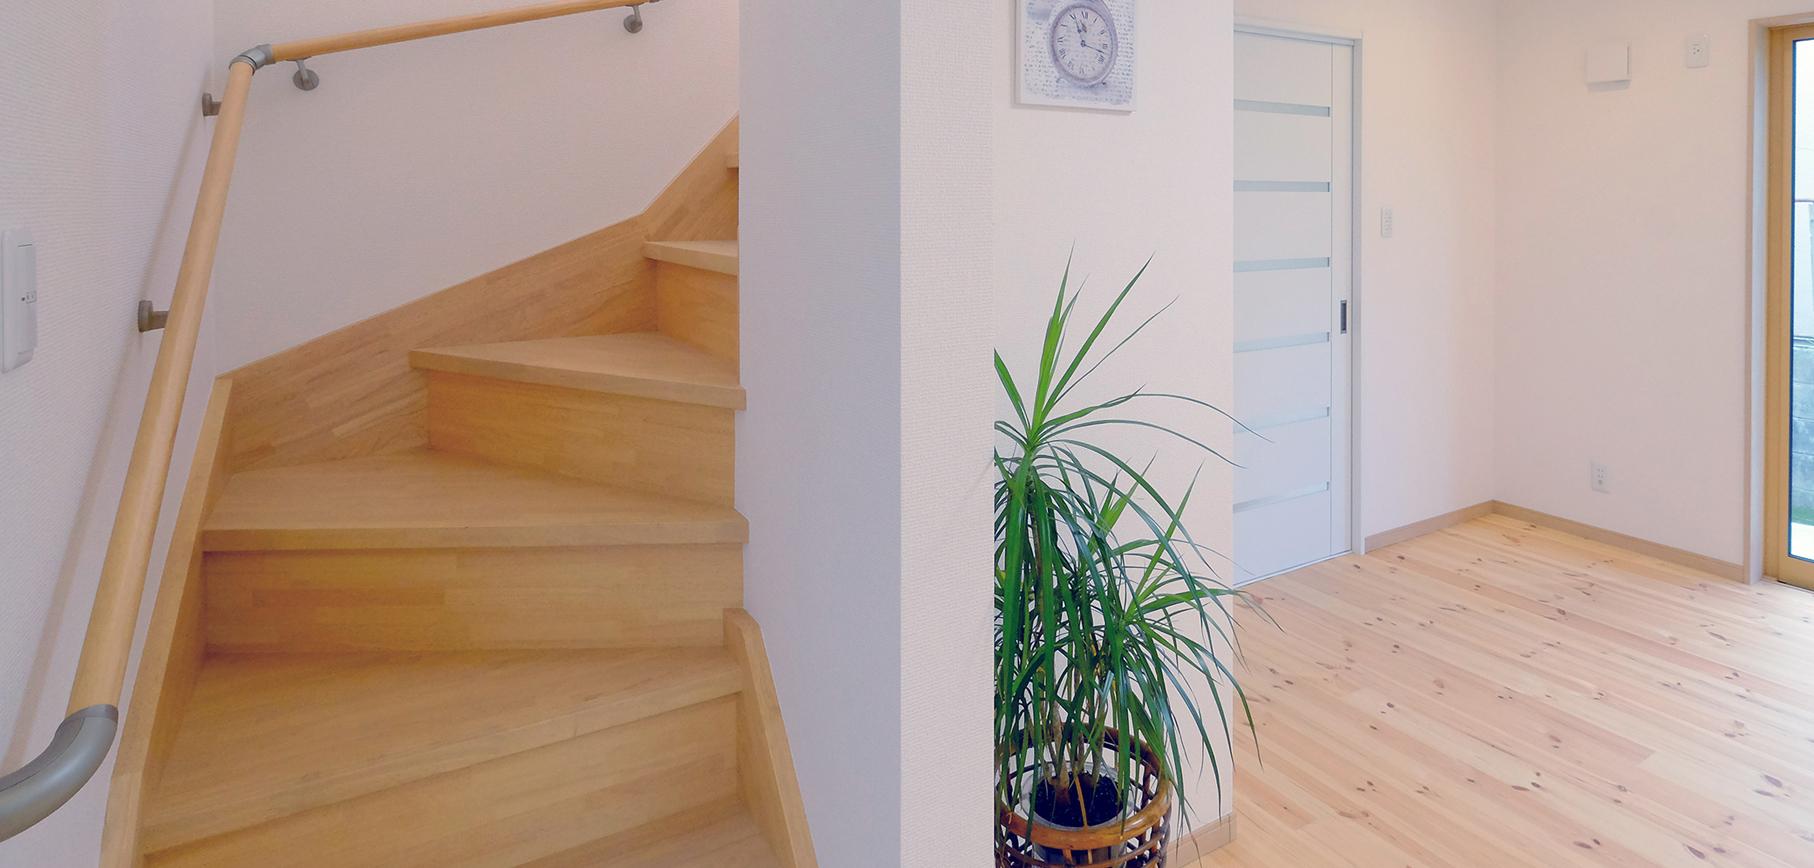 駅徒歩圏内の緑と眺望に恵まれた新築マンションに住まう